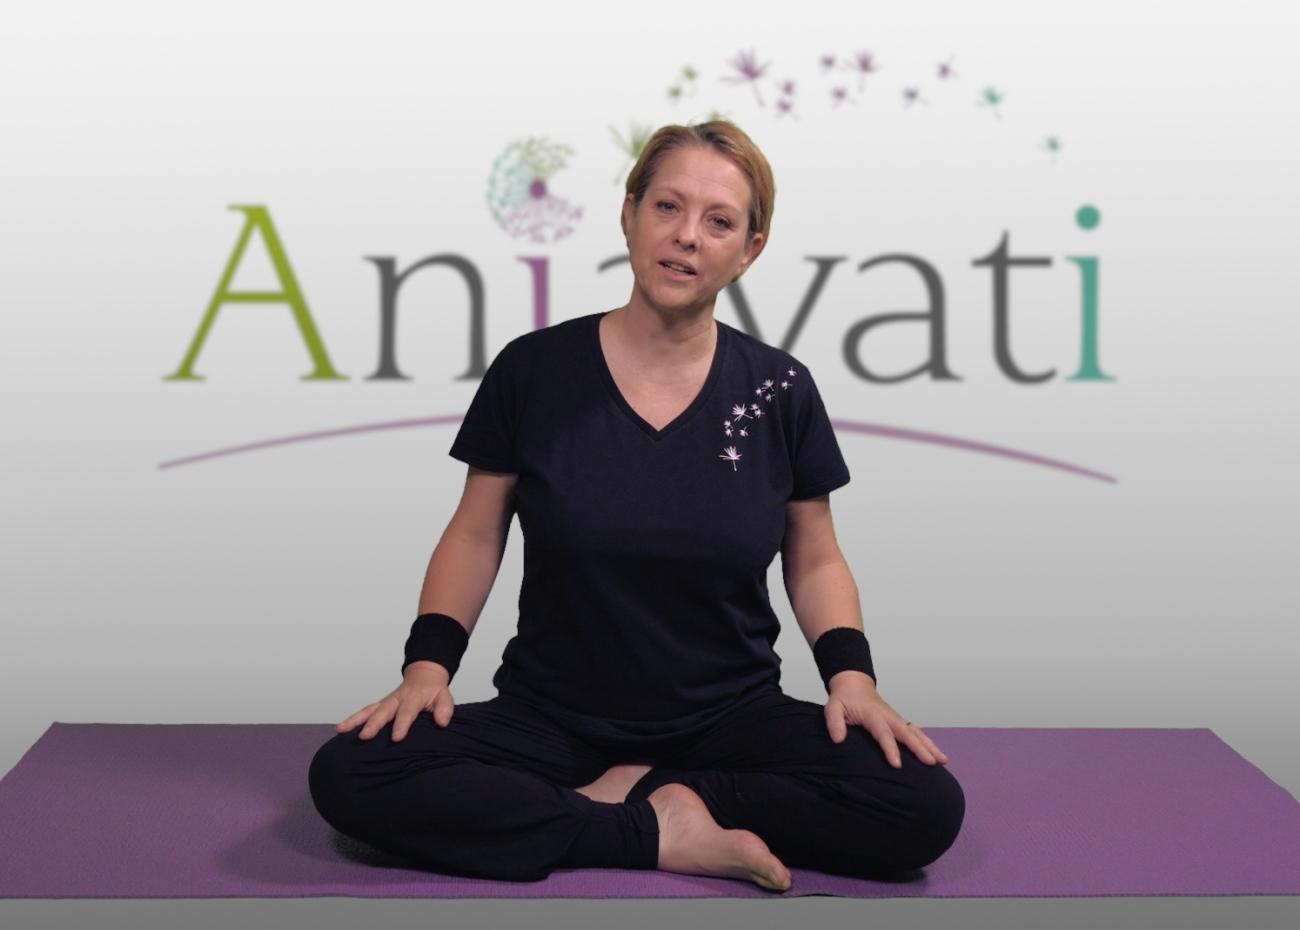 Cours de yoga en ligne par Anjayati